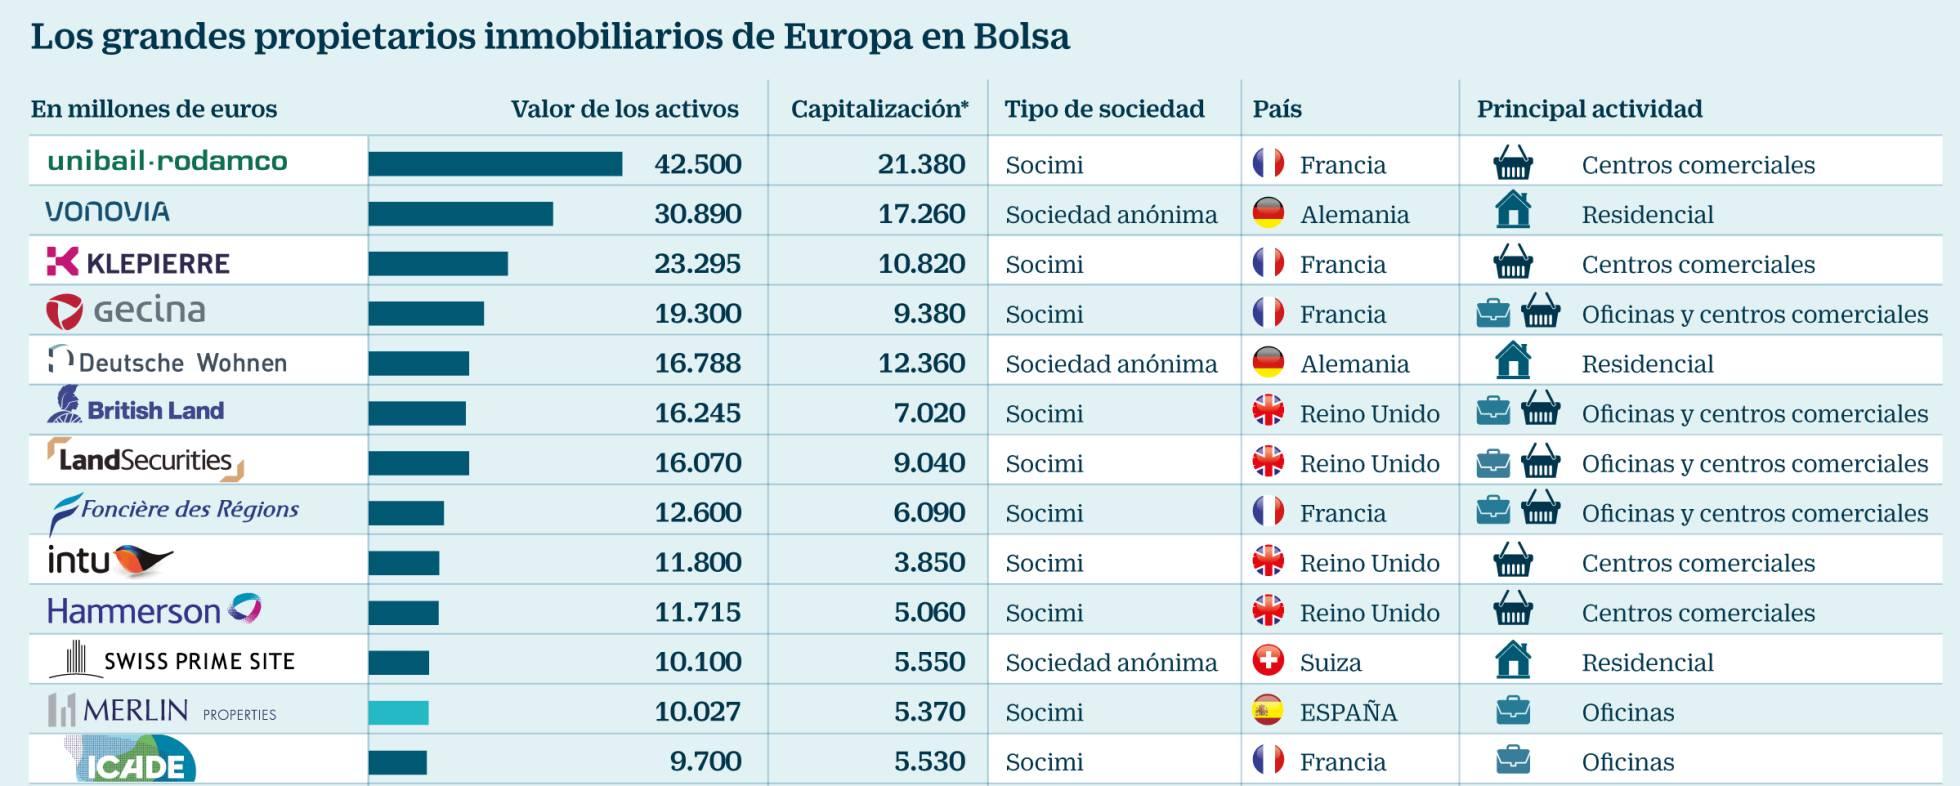 Estos son los dueños de las grandes propiedades inmobiliarias en España y Europa 1501867085_744027_1501870038_noticia_normal_recorte1